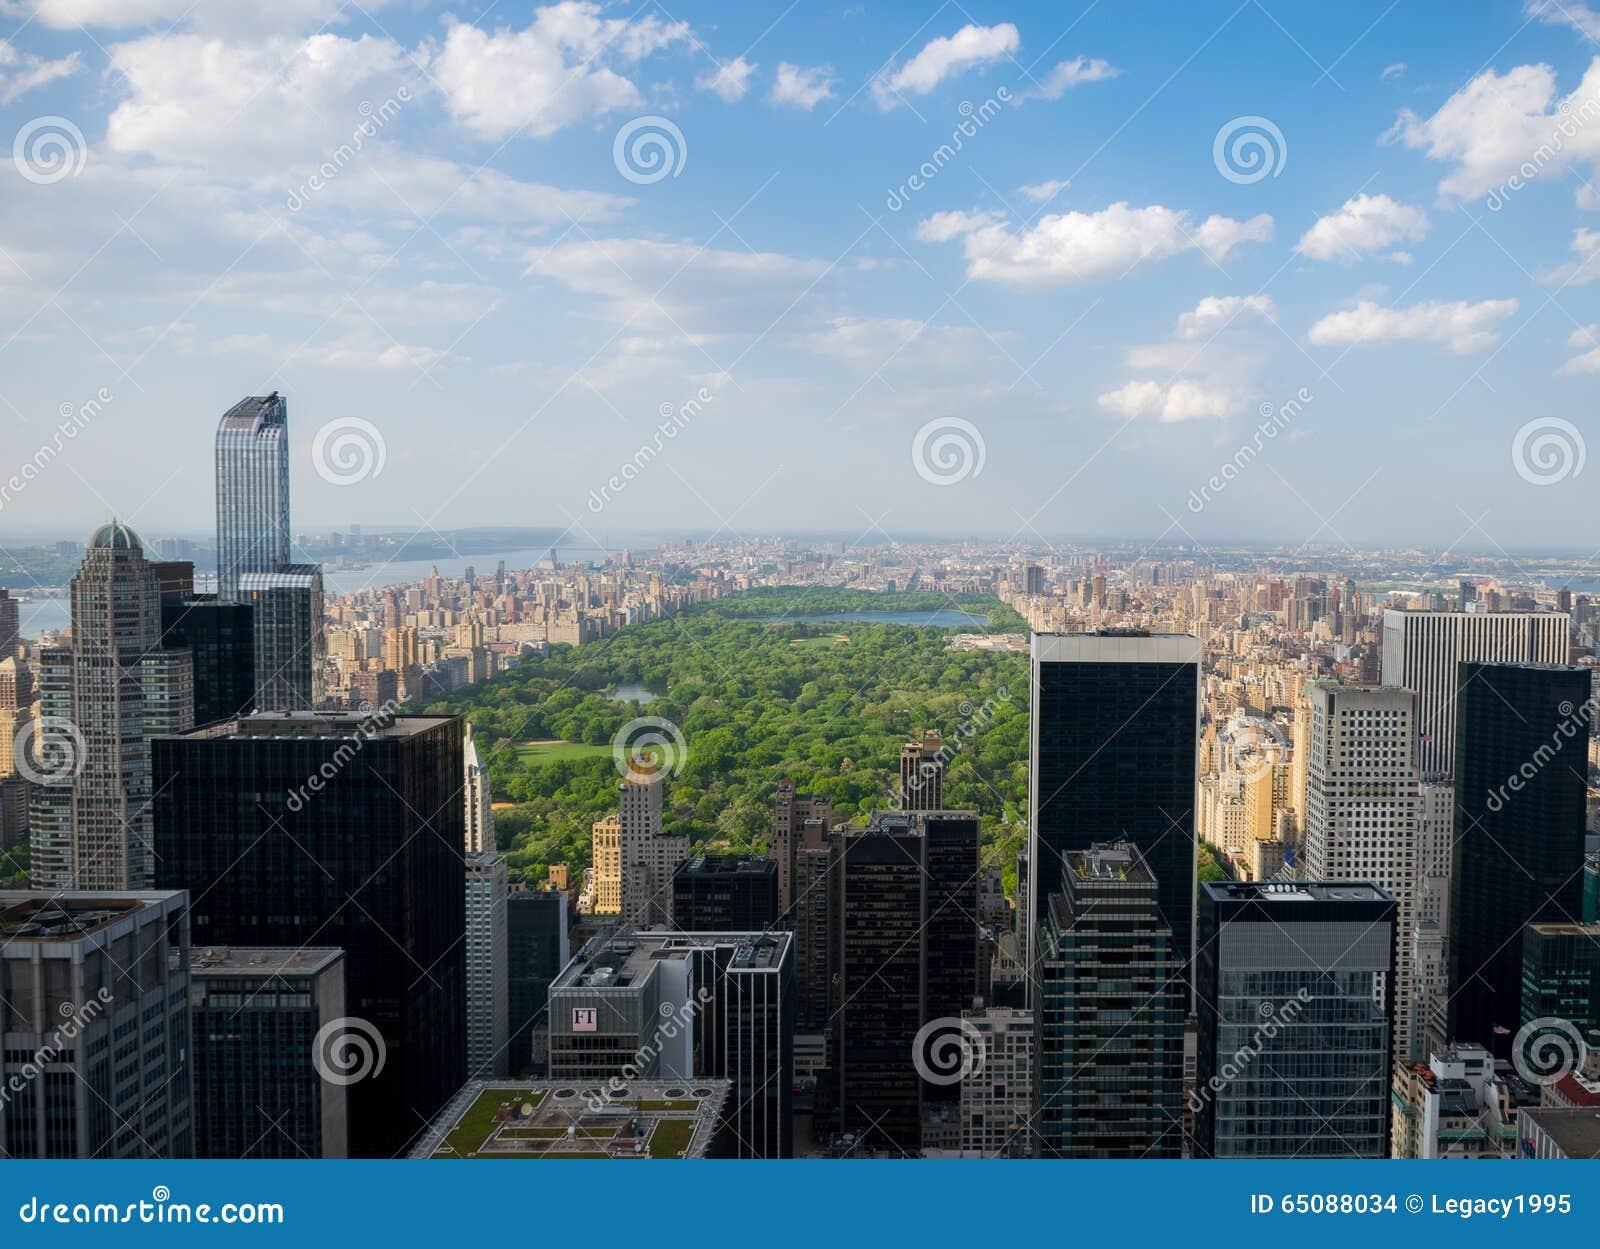 New- York Cityskyline - Central Park